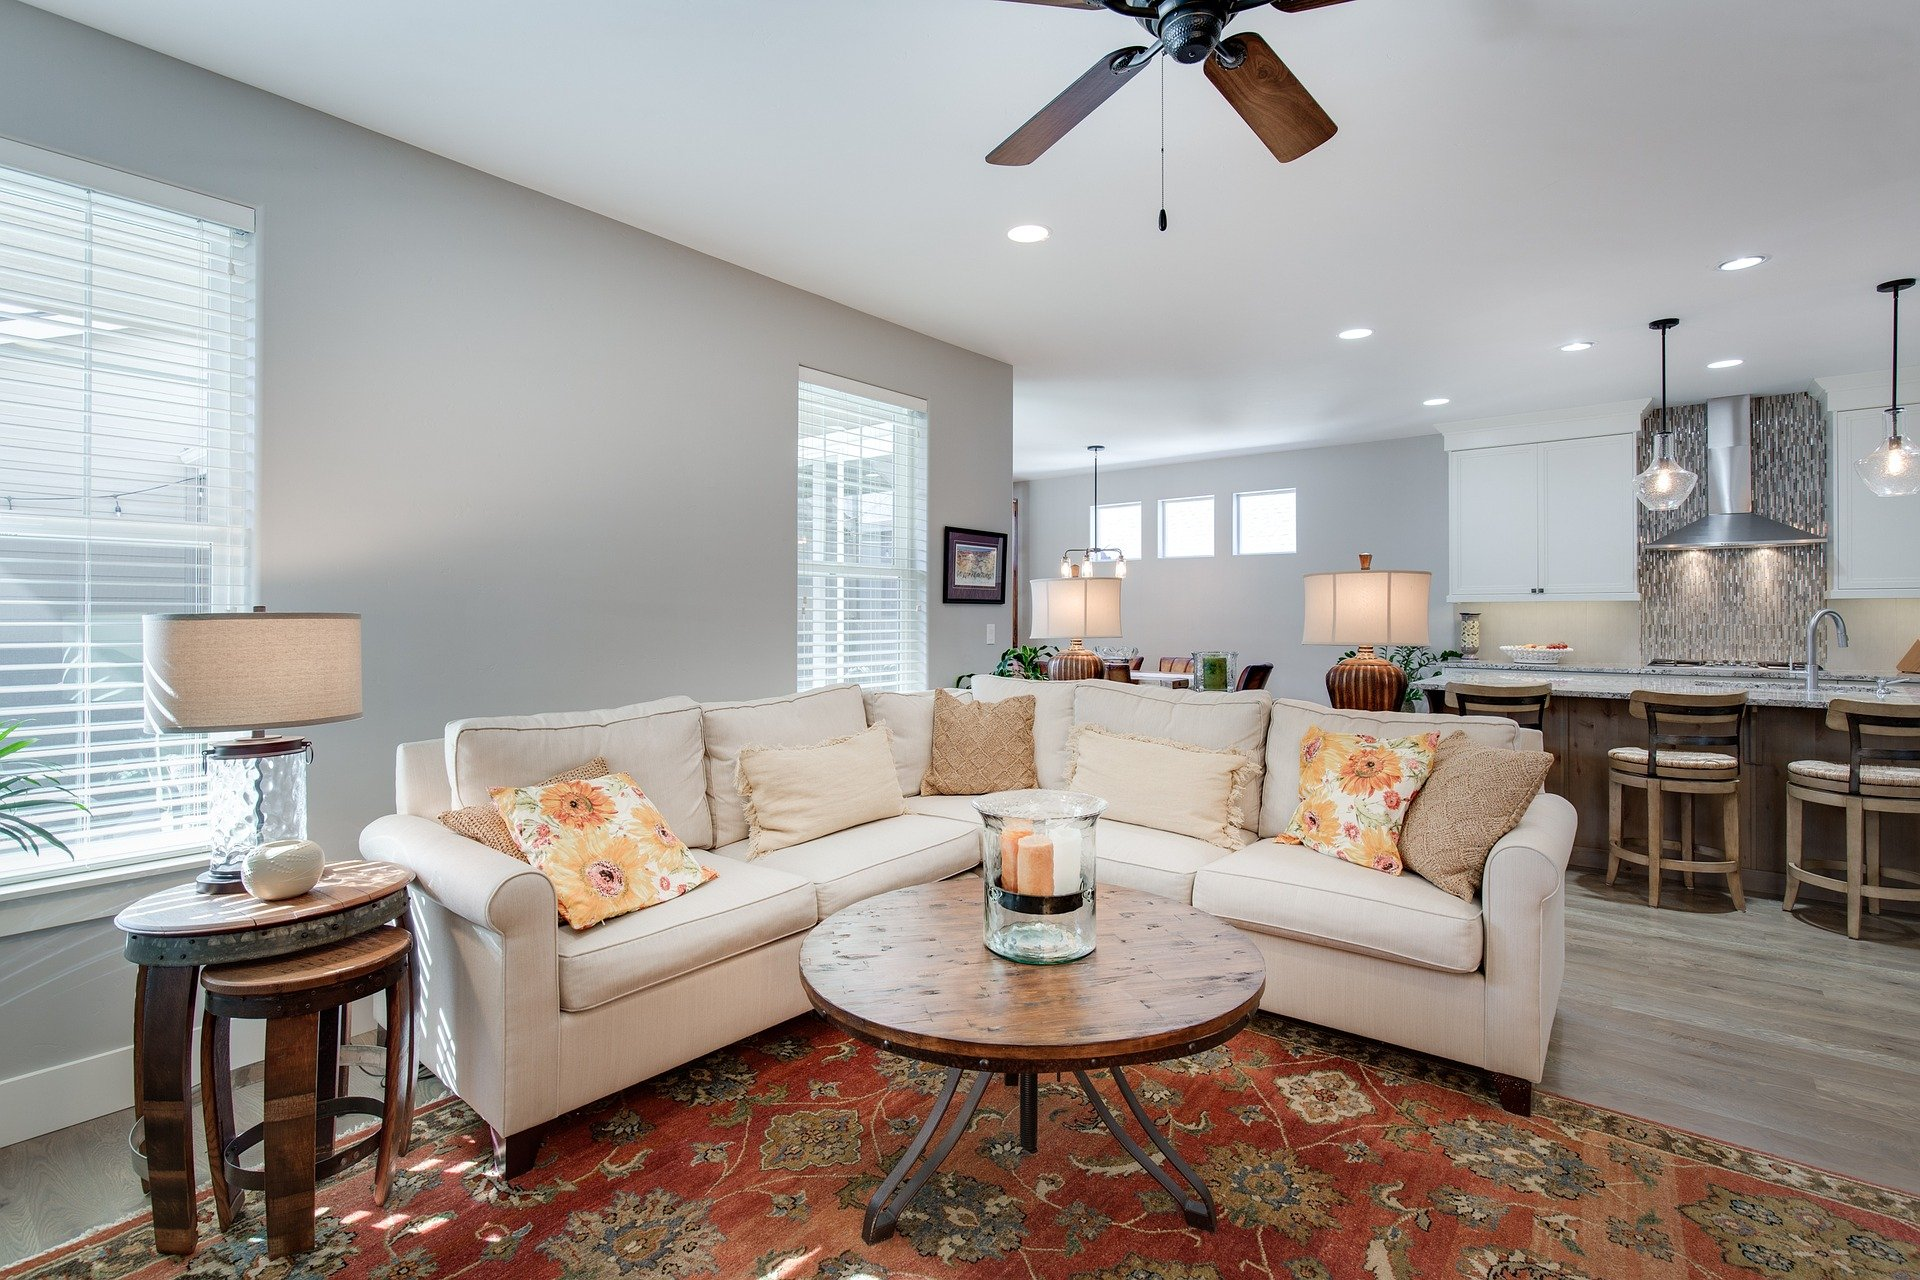 Wohnzimmer mit Einbauleuchten